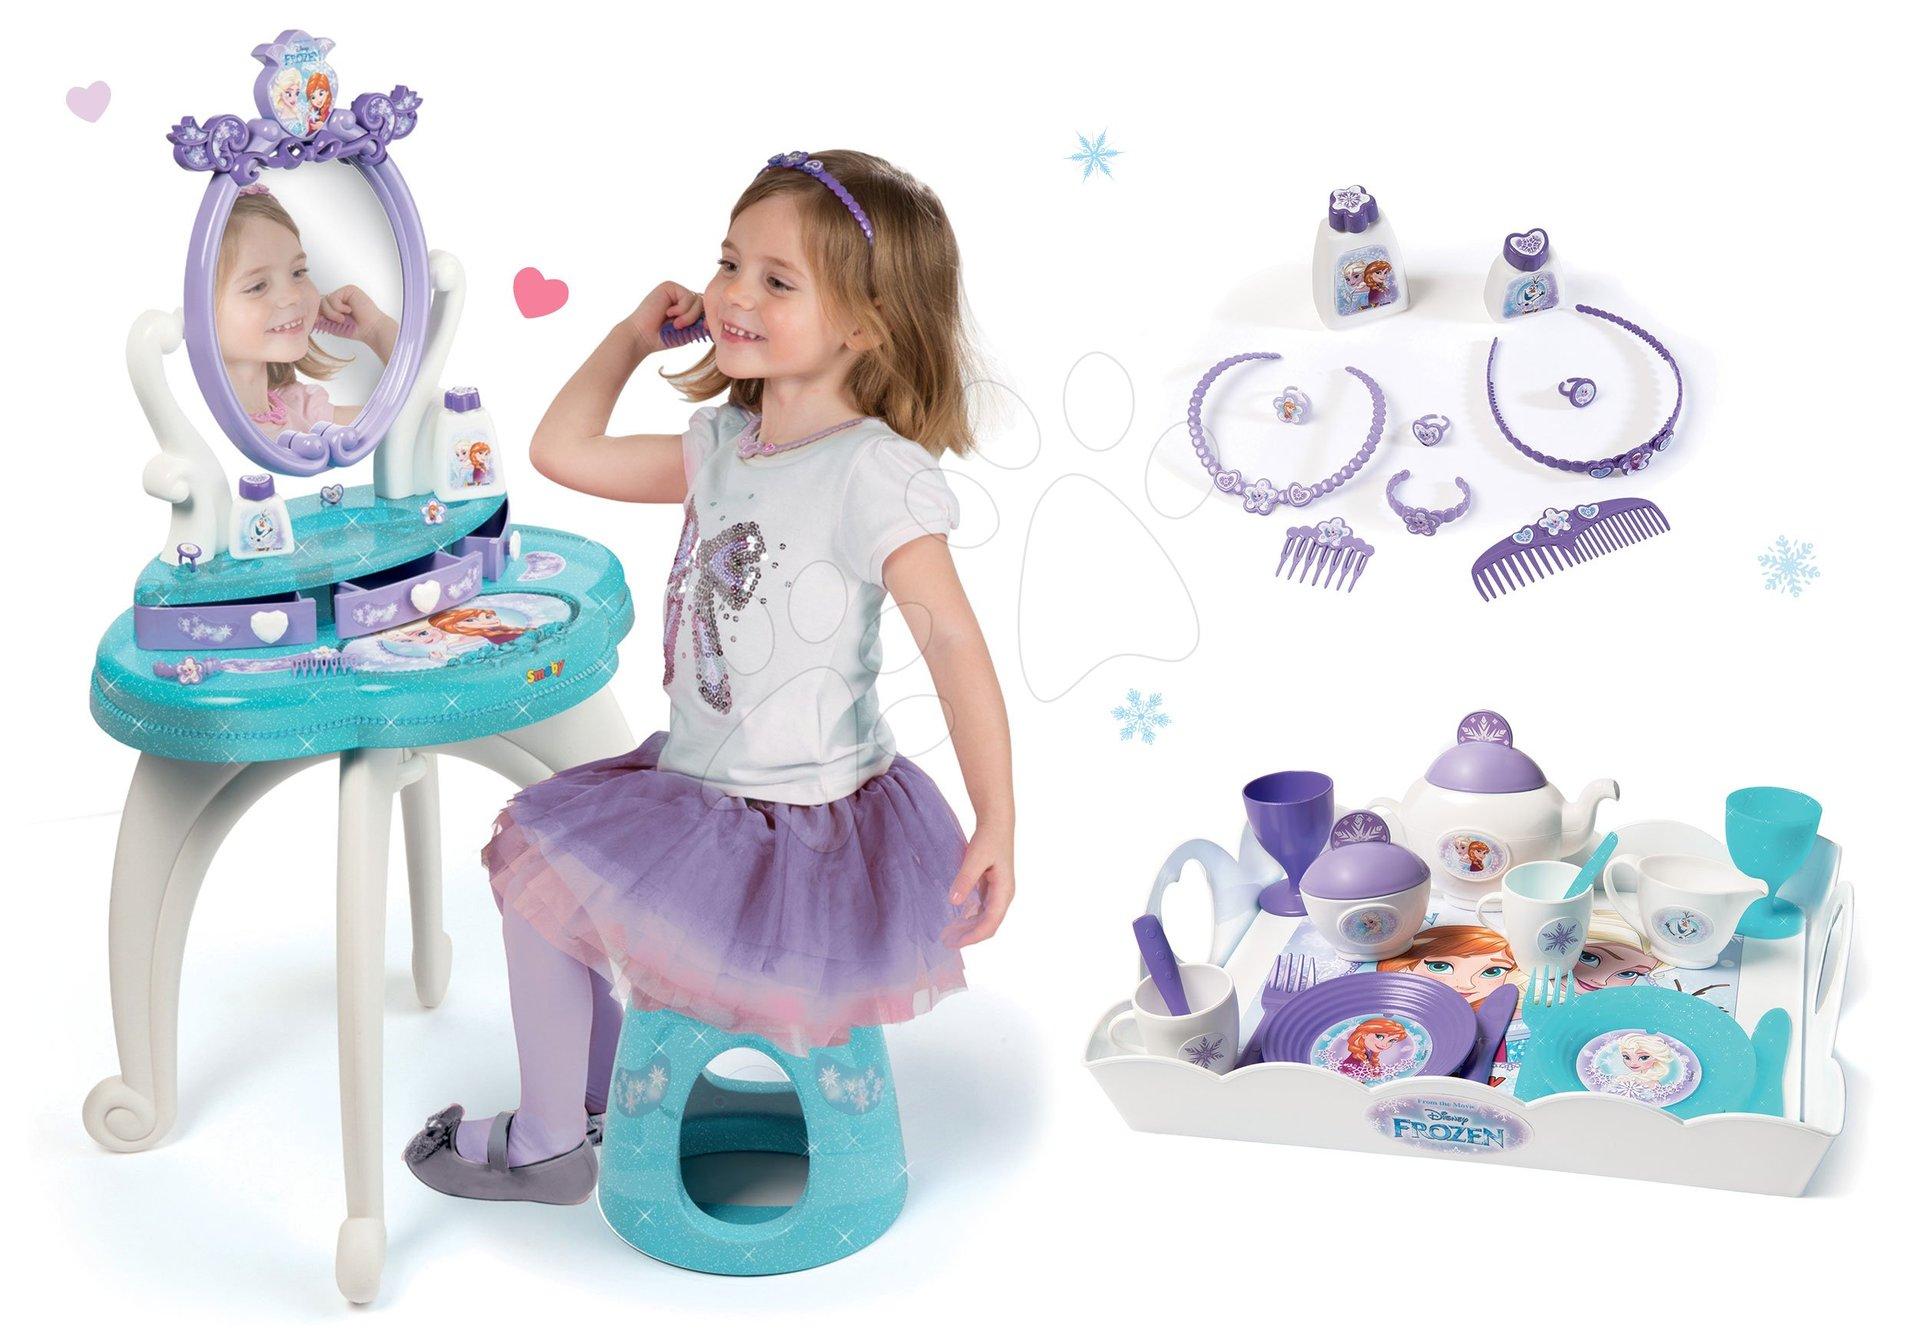 Komplet kozmetična miza Frozen Smoby s stolom in čajni servis s pladnjem Frozen